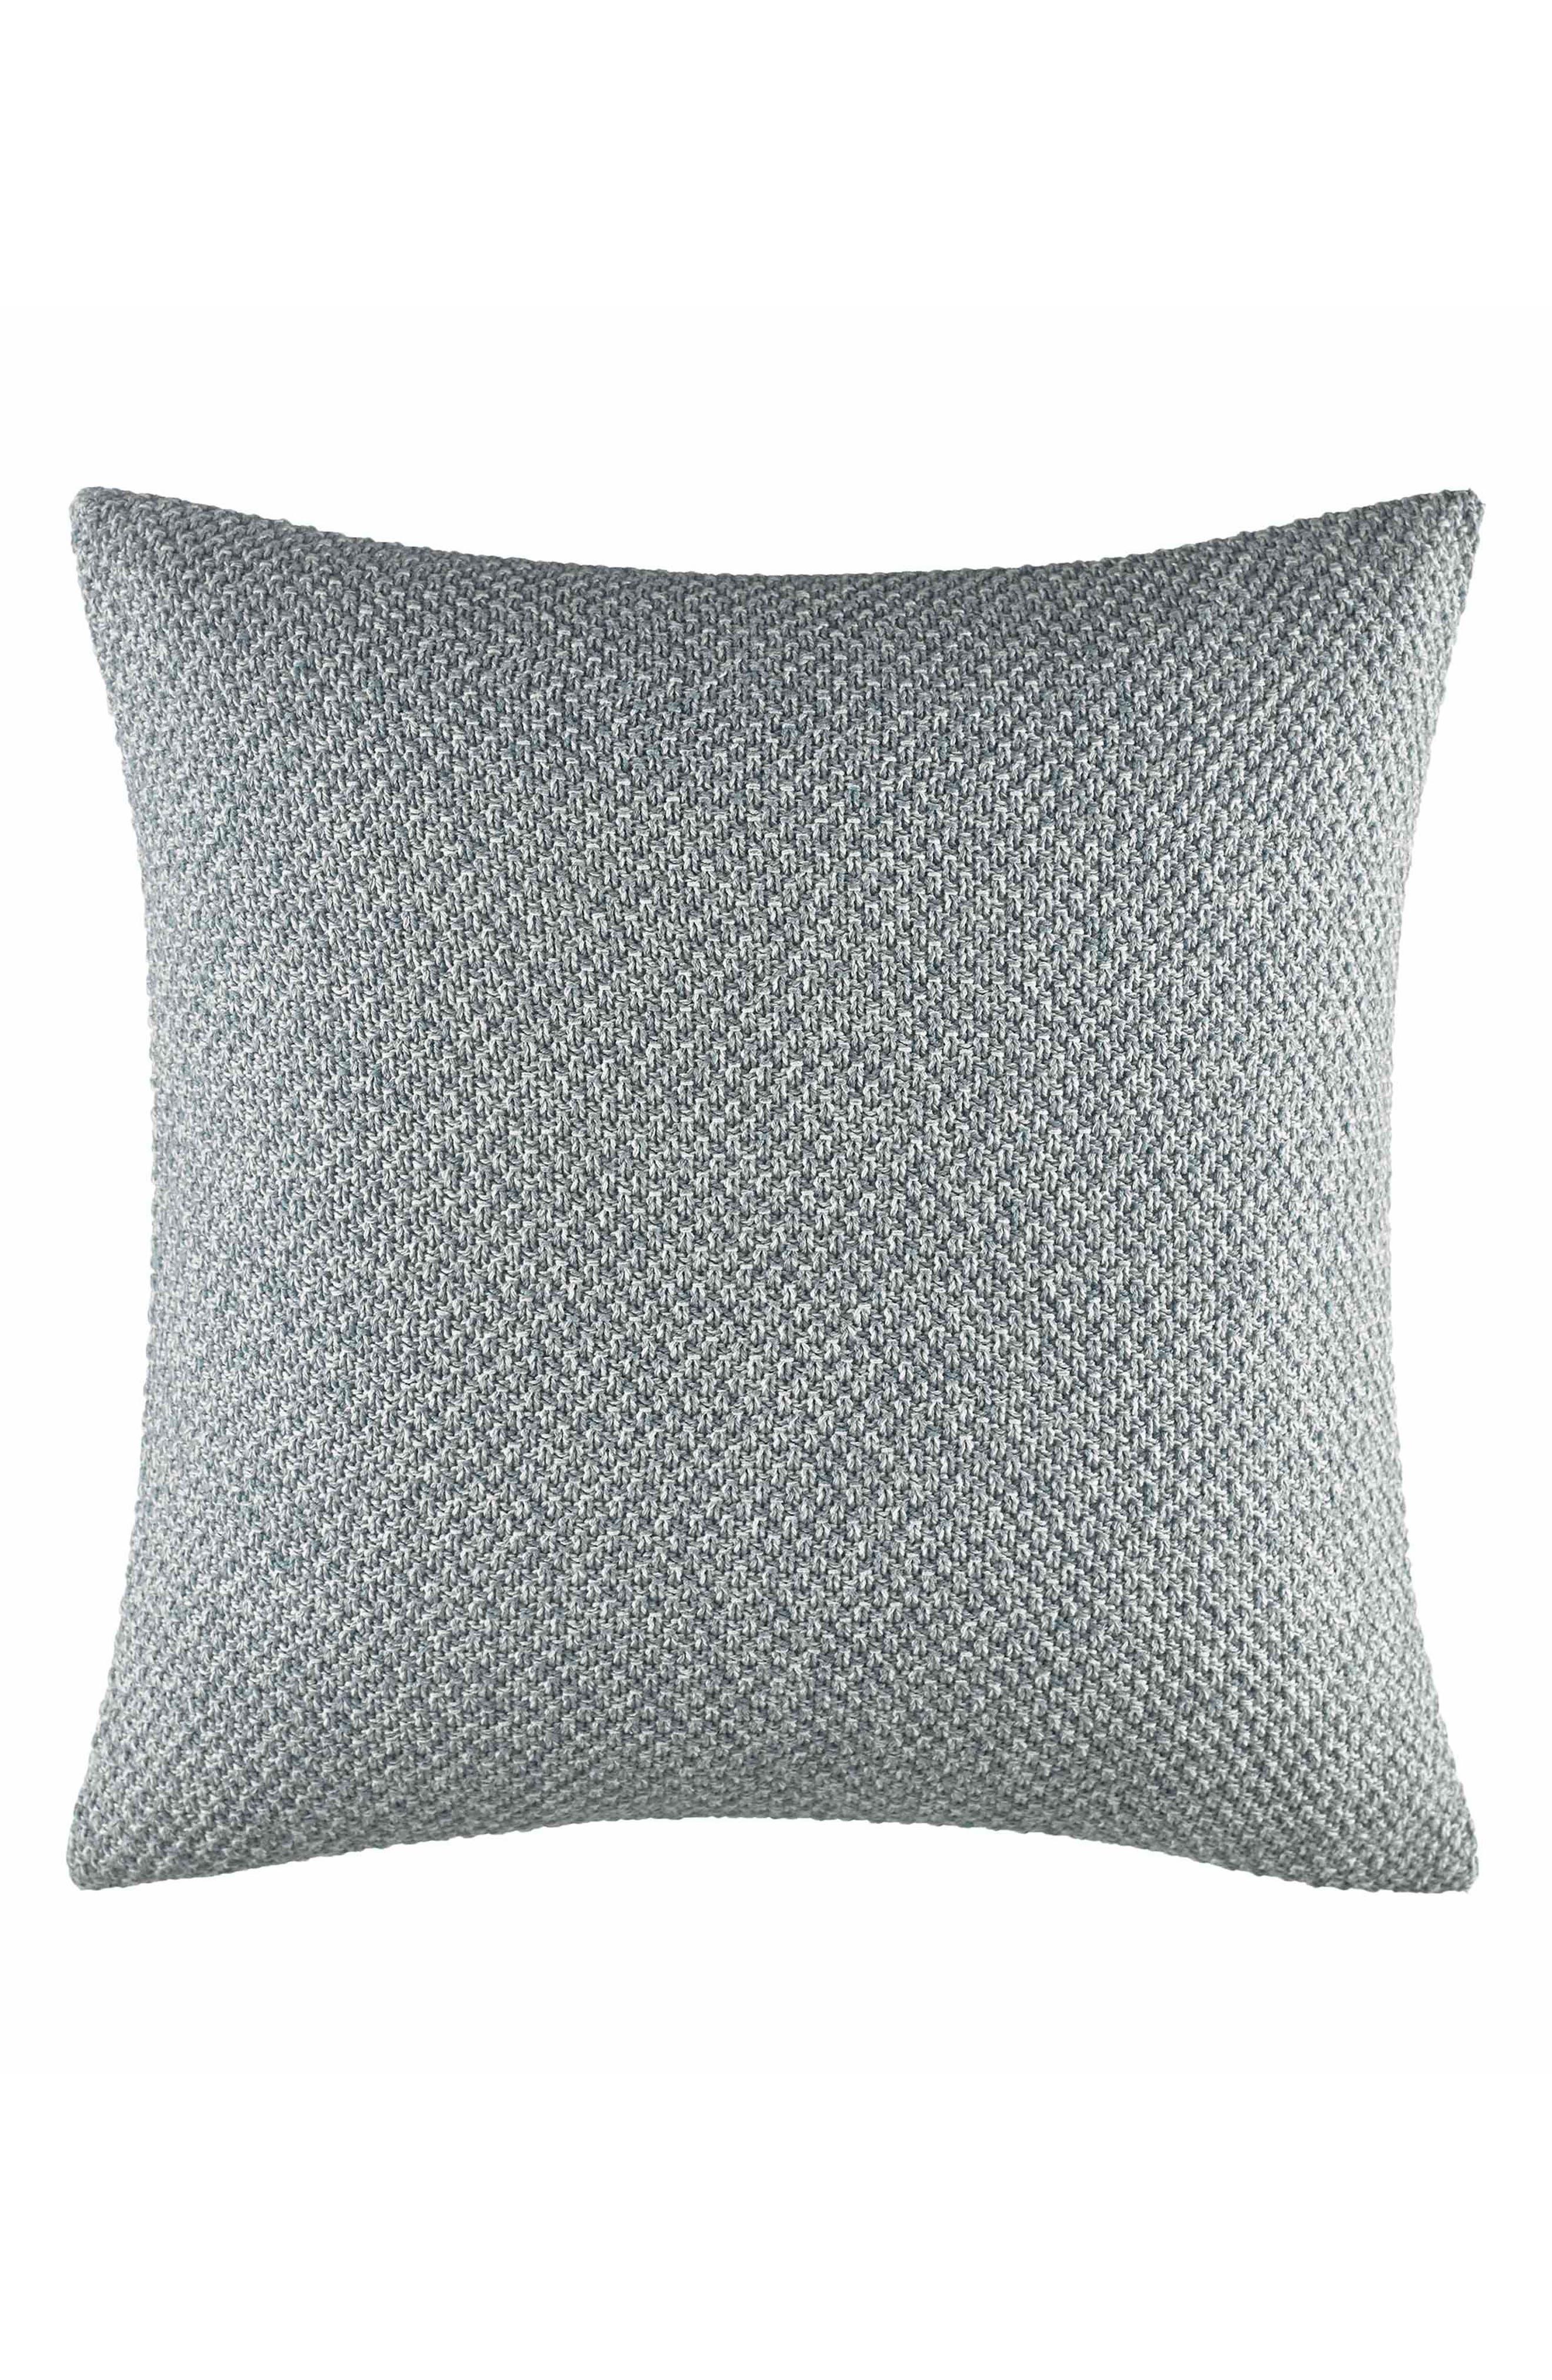 Cape Coral Knit Pillow,                         Main,                         color, 400